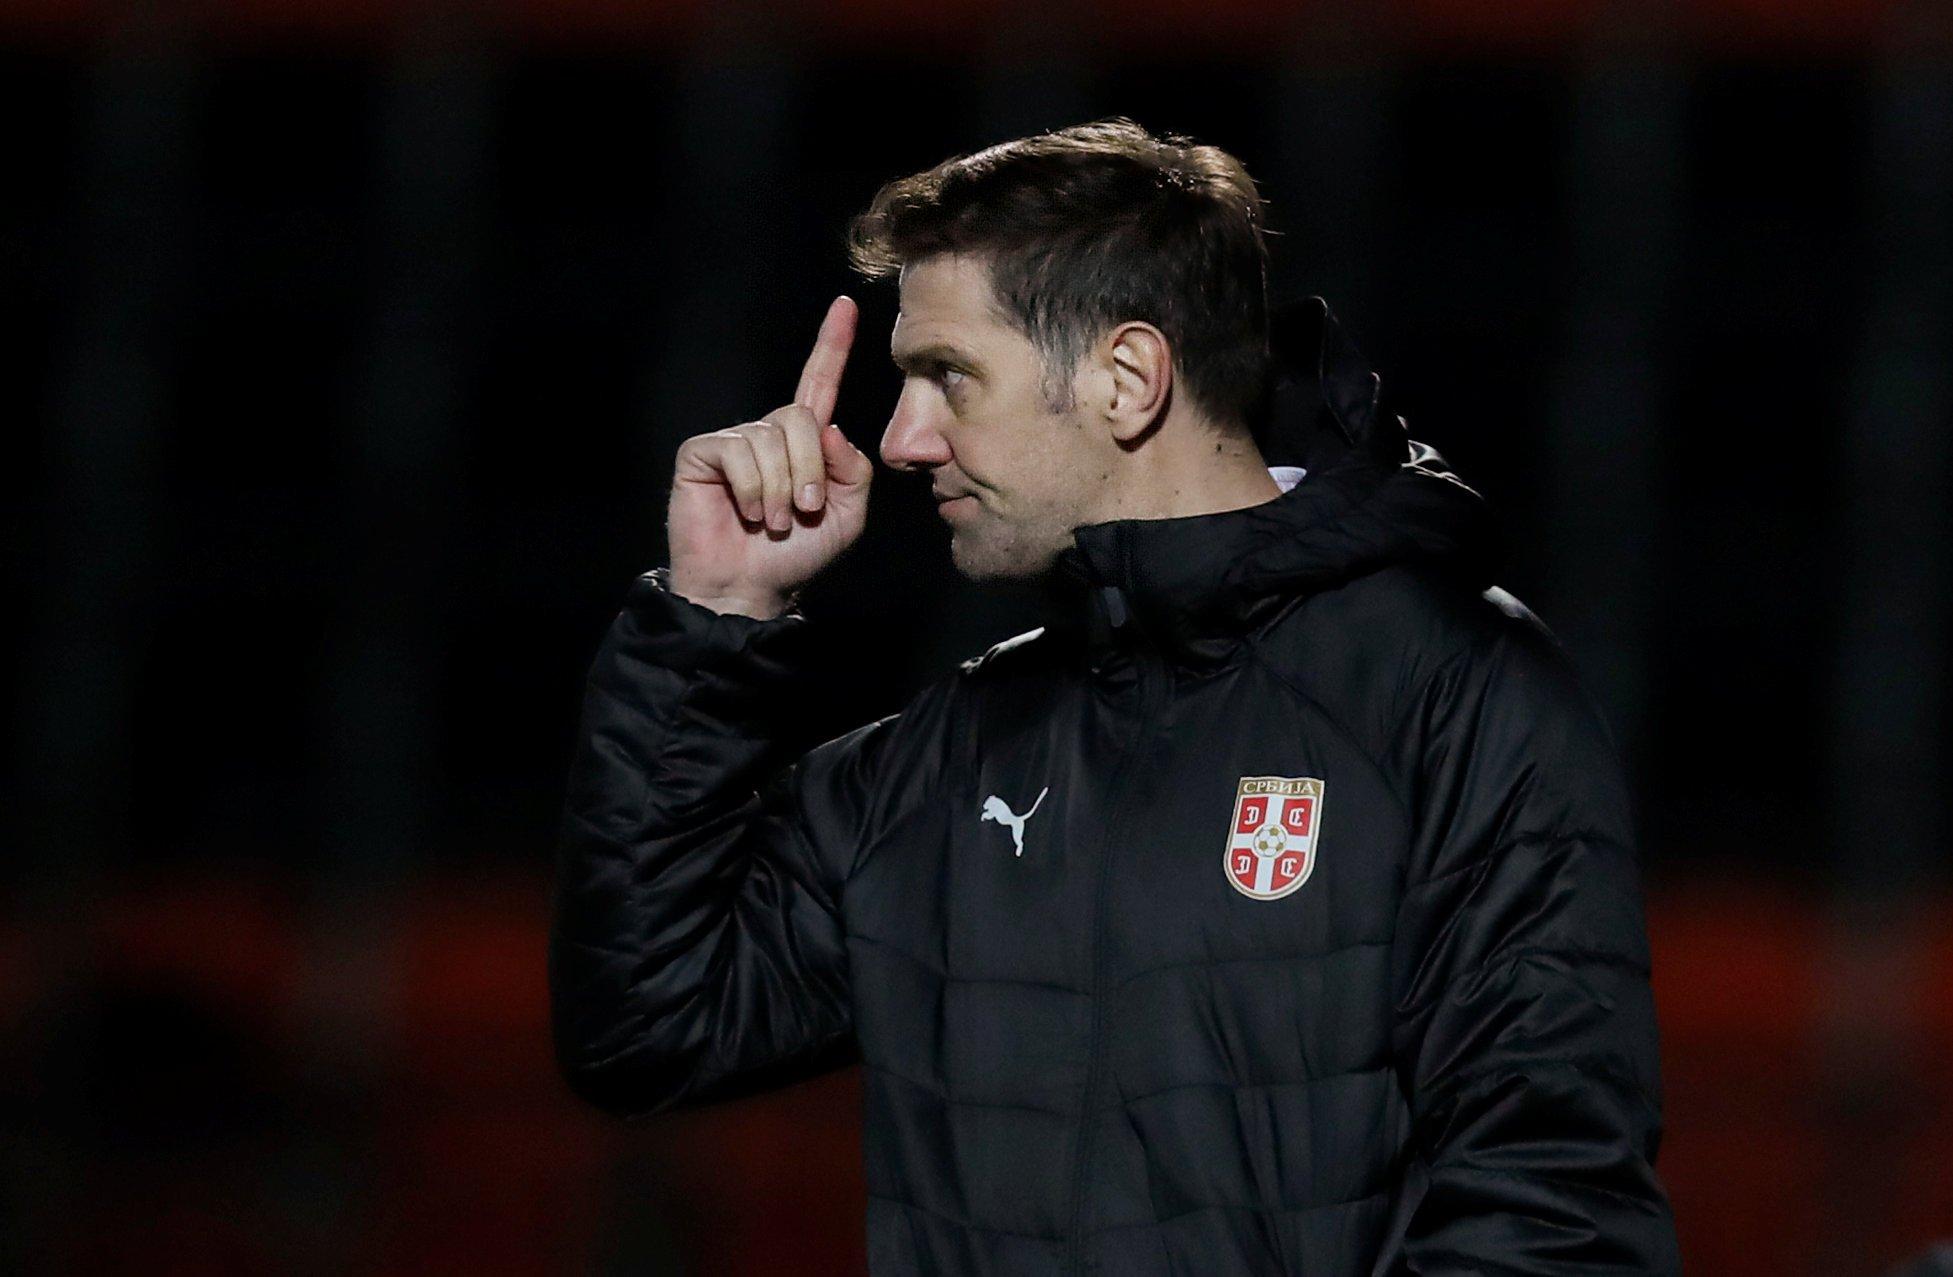 图为2018年3月27日,在伦敦进行的一场对阵尼日利亚队的国际友谊赛中,塞尔维亚队主教练克尔斯塔季奇在场边。